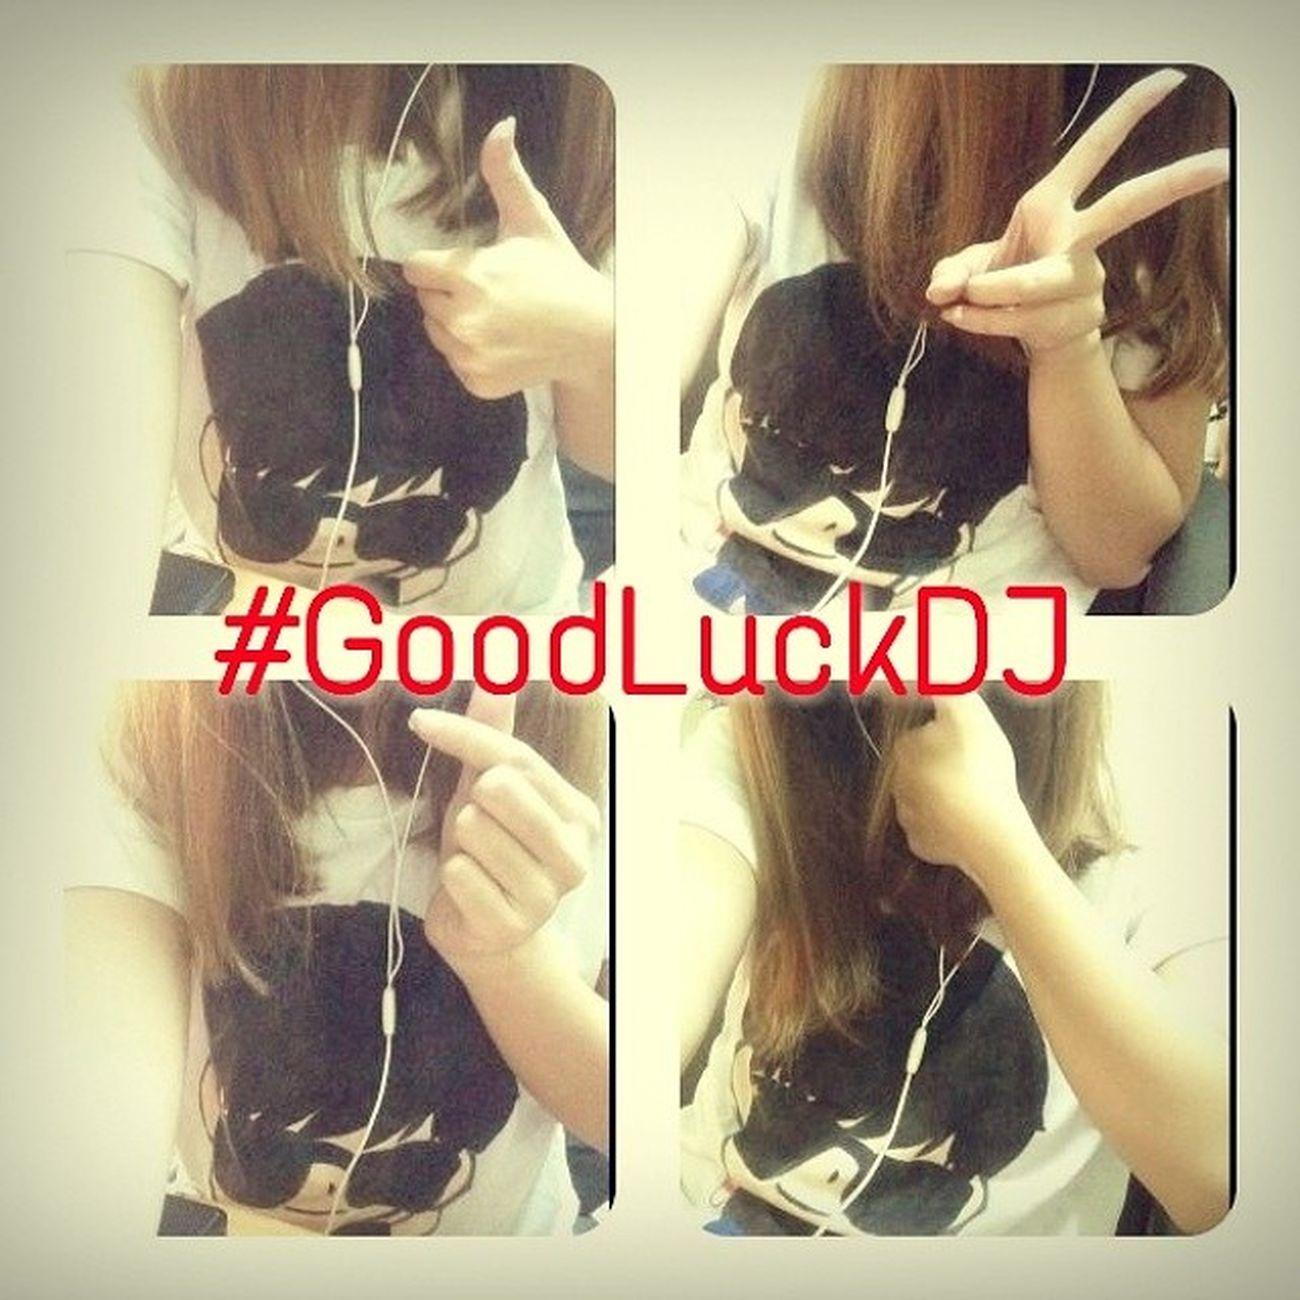 Wearing YoonDoo T-shirt on YoonDoo's birthday ♡ HappyBirthday GoodLuckDJ